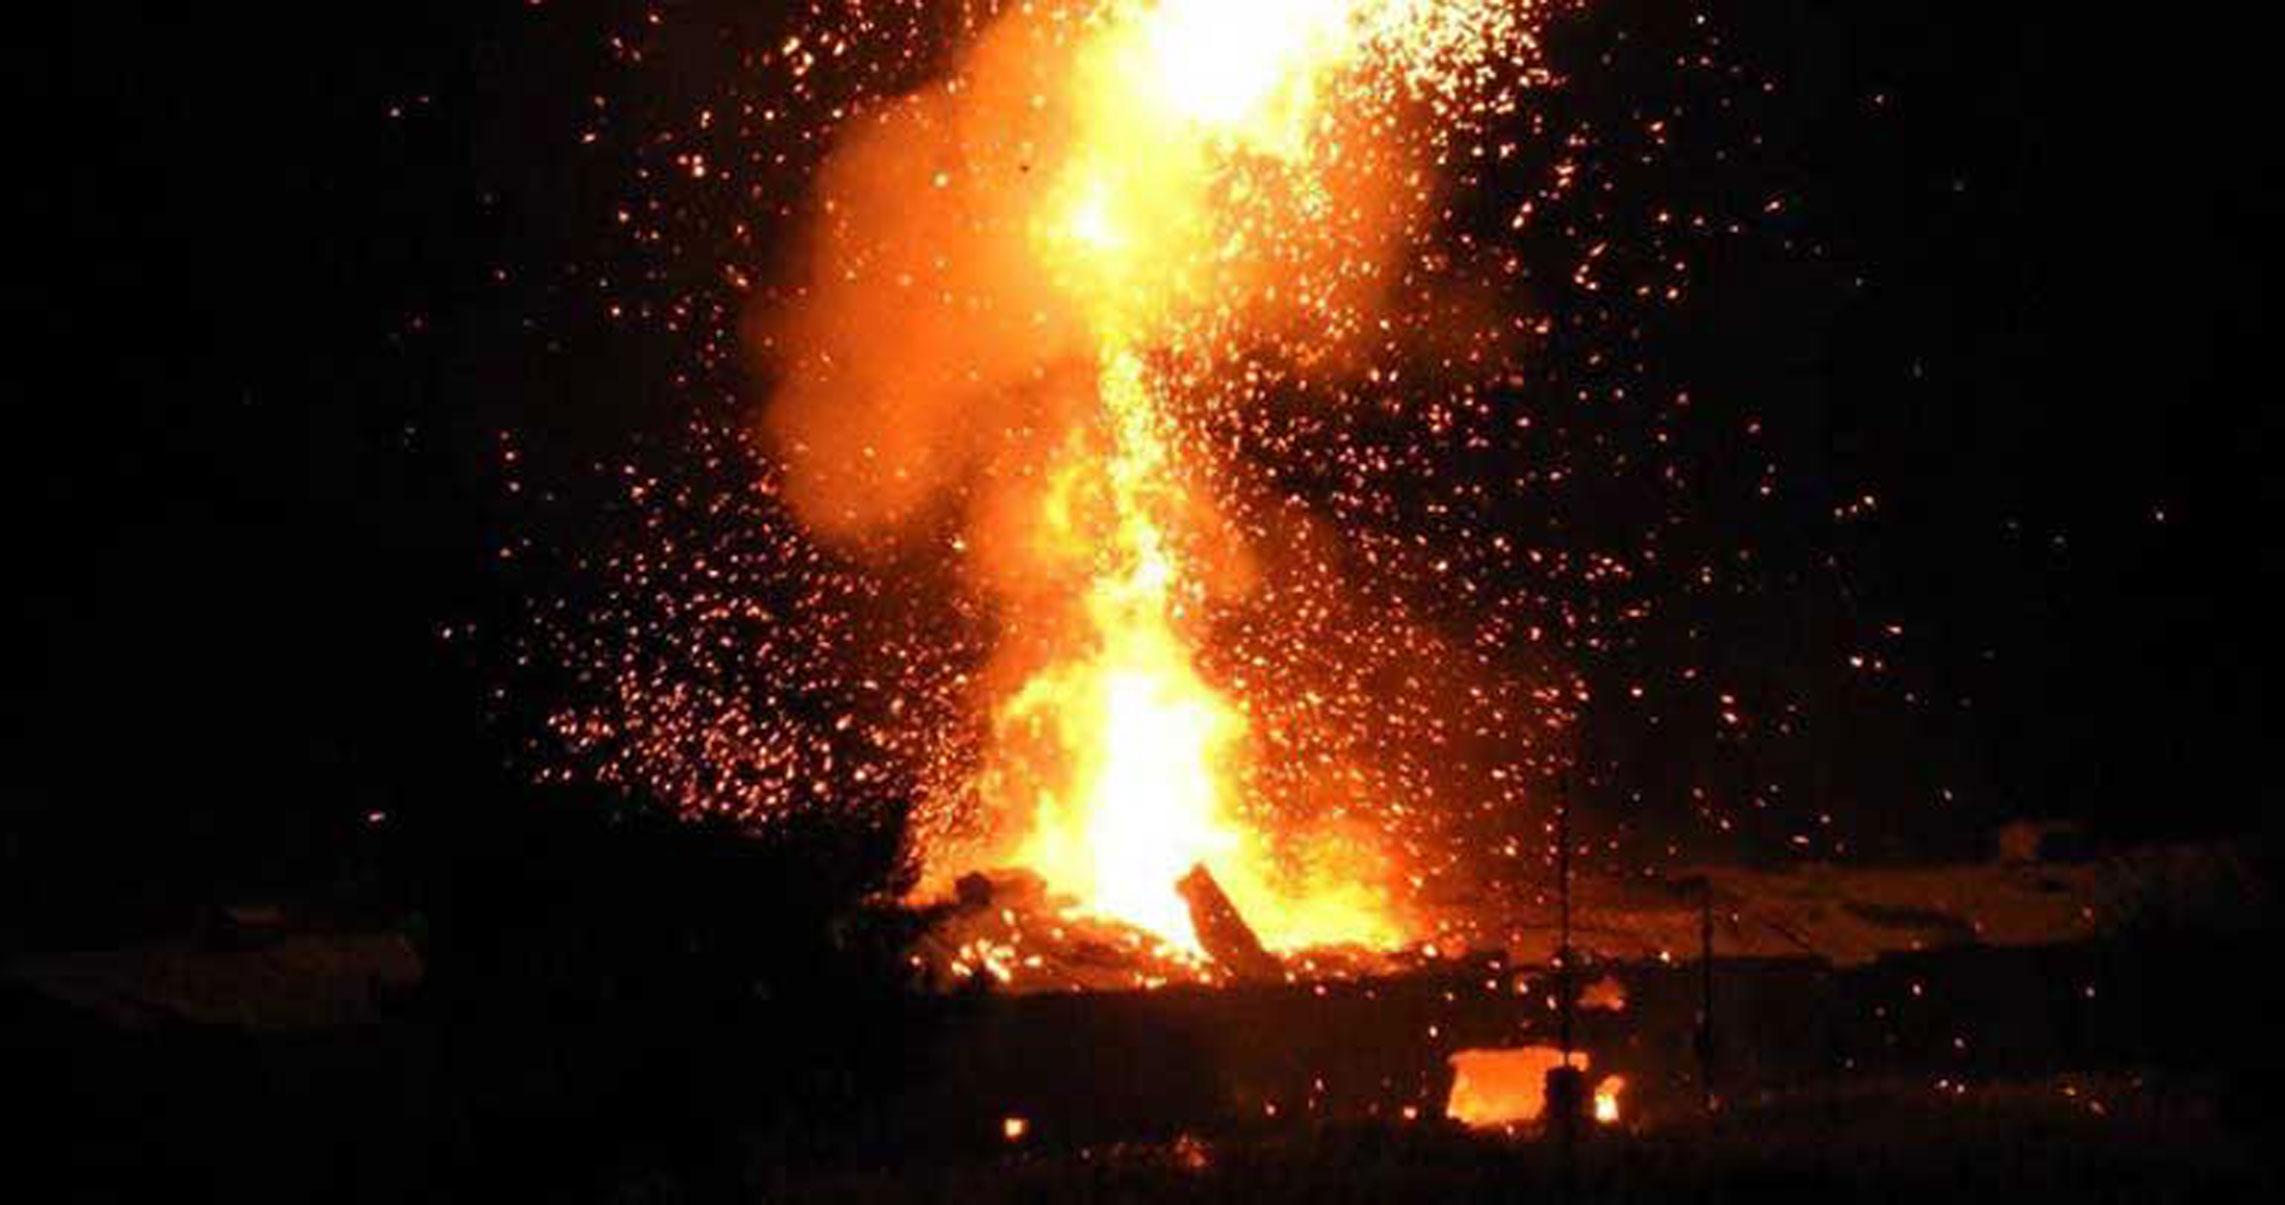 Κόλαση πυρός στα κατεχόμενα - Εκρήξεις σε αποθήκη πυρομαχικών στην Κερύνεια [pics, vids]